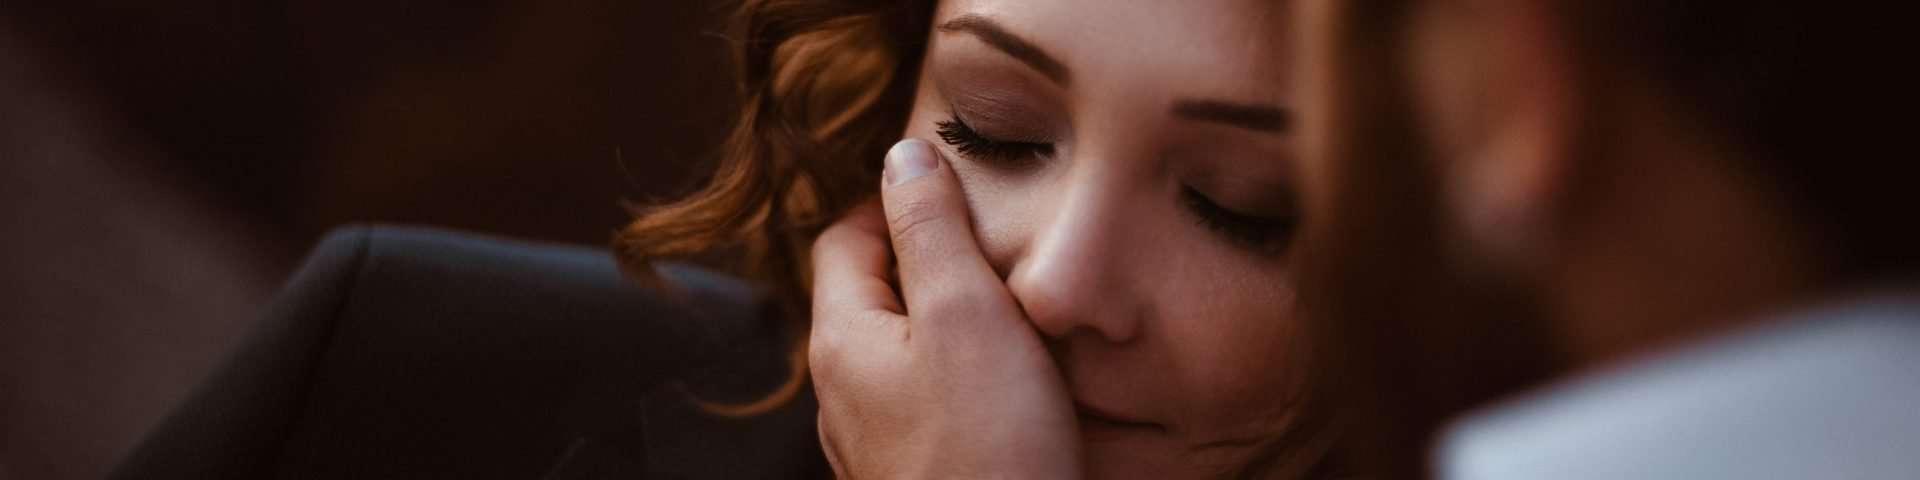 """""""Liebt er mich?"""" 21 Zeichen, die seine wahren Gefühle für dich erkennen lassen"""